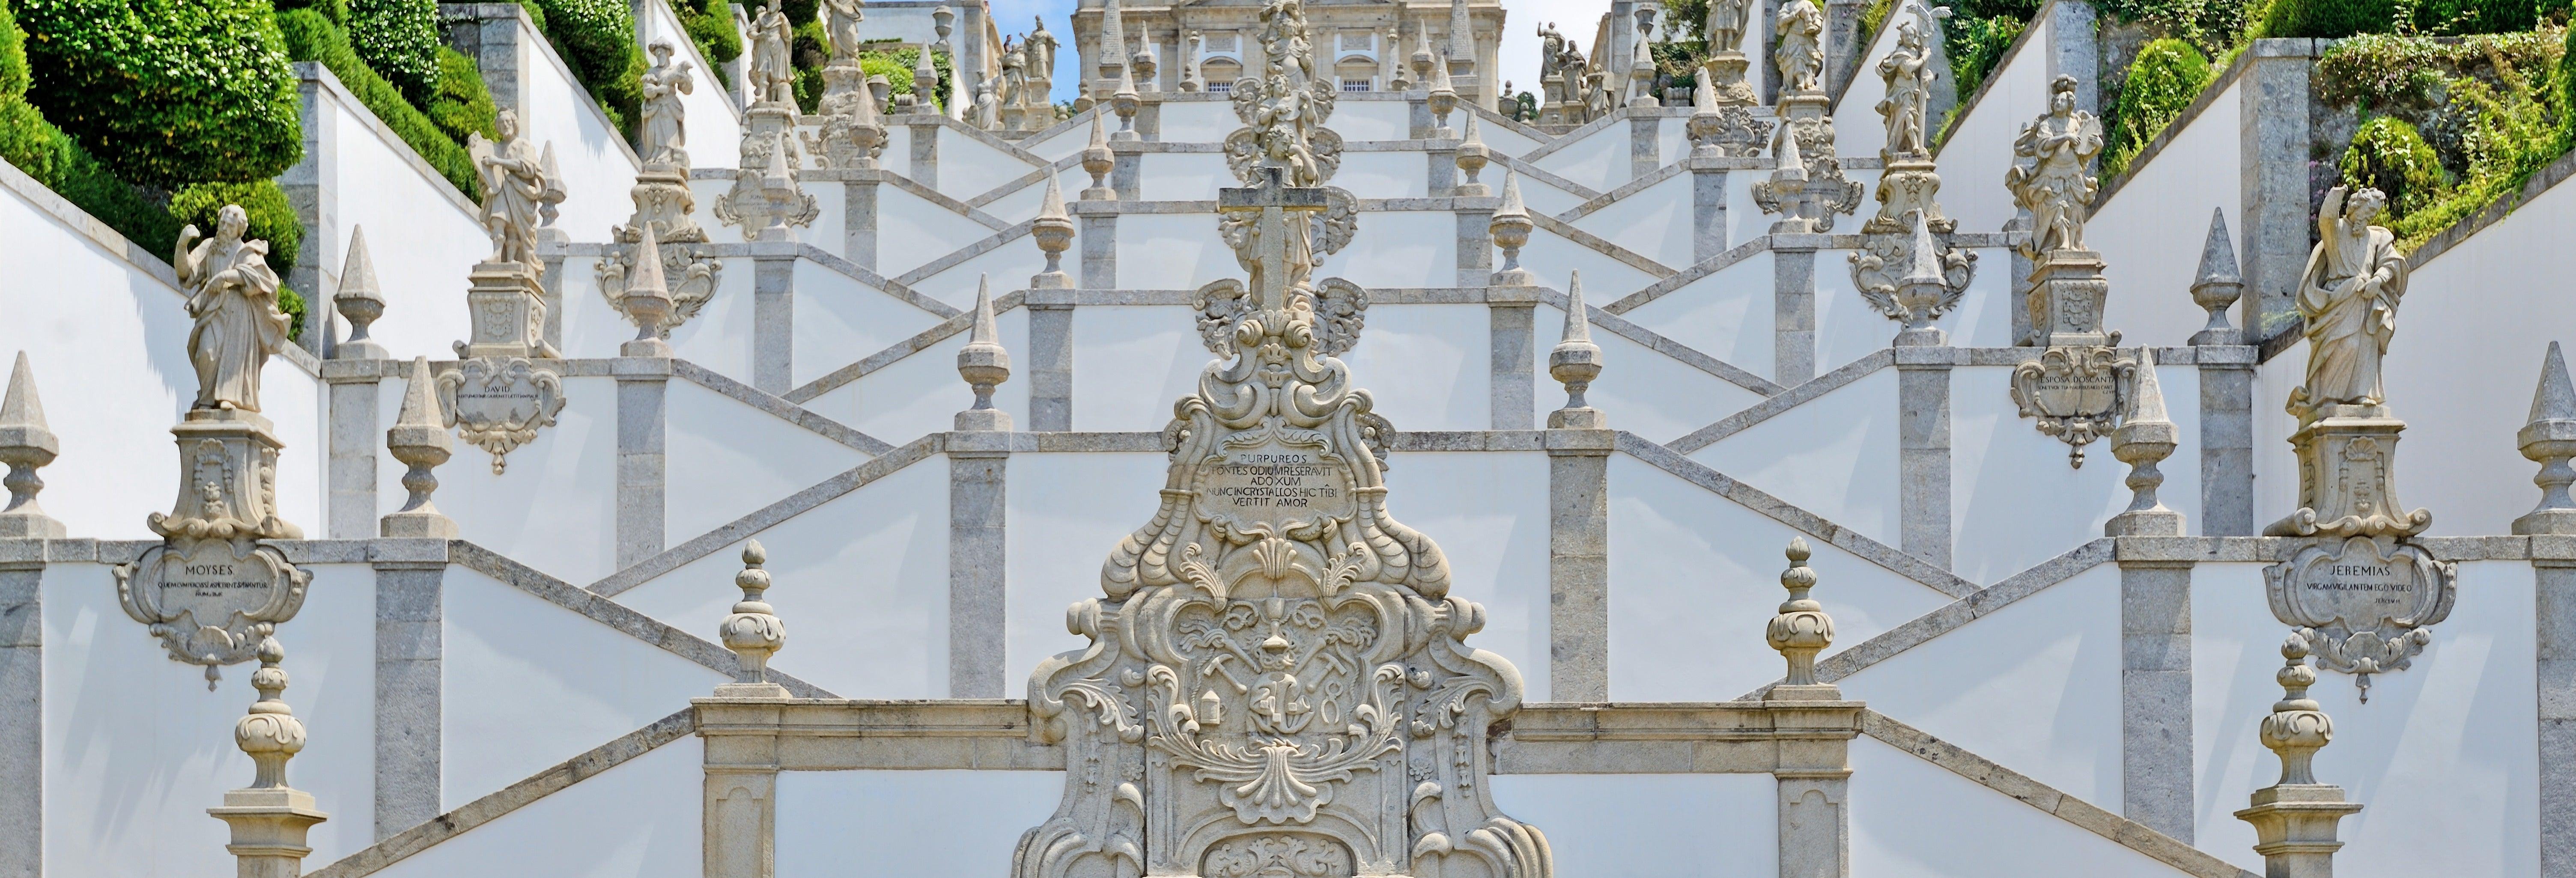 Visite privée dans Braga